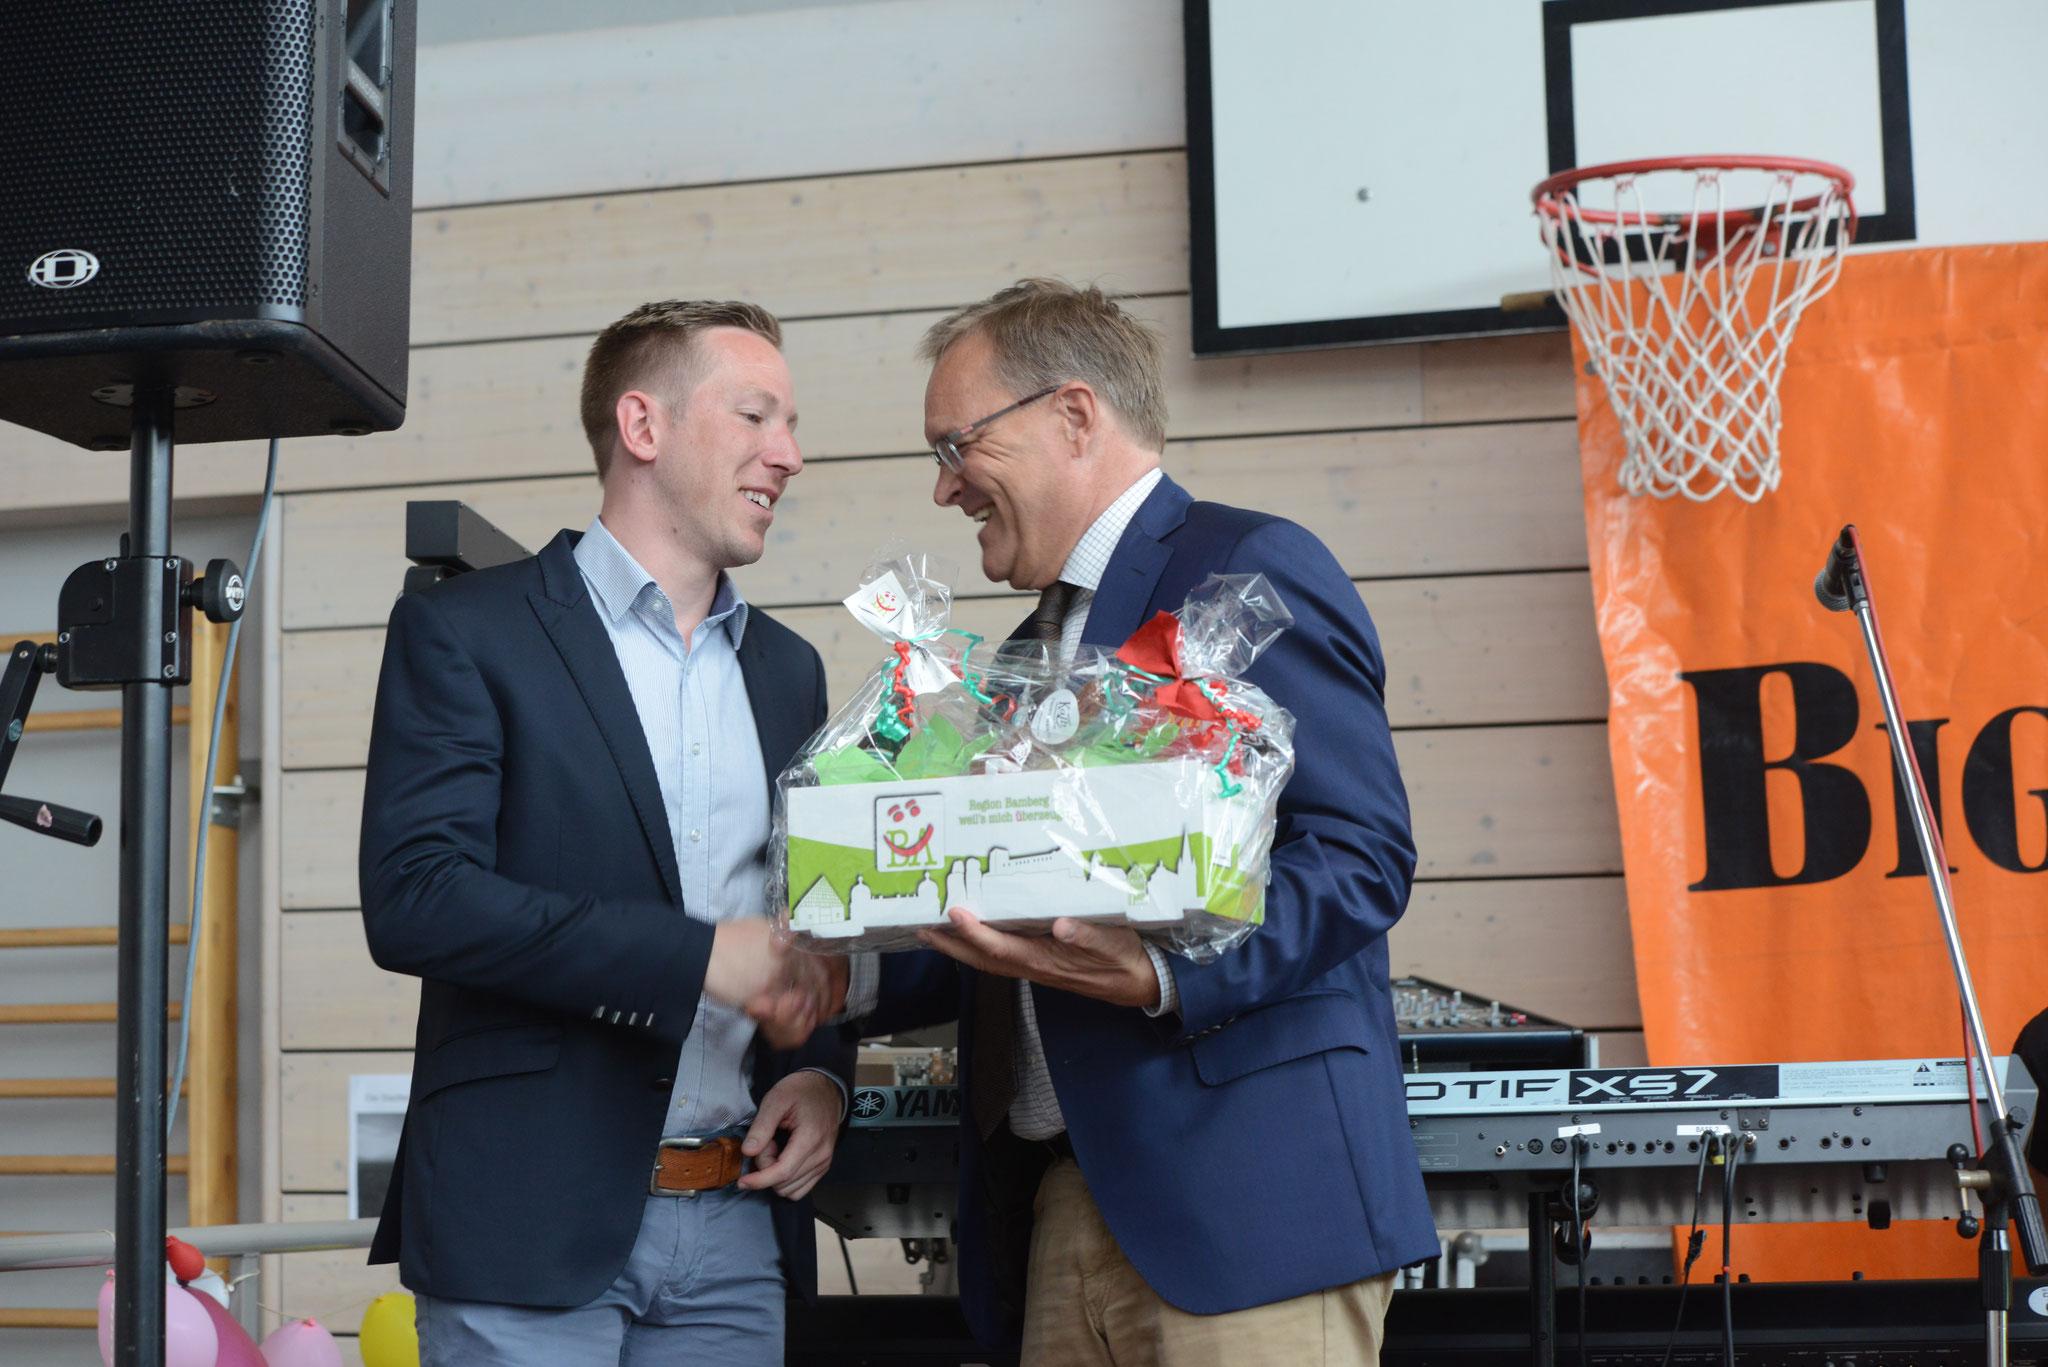 Dank der Stadt für das Engagement des BV: regionale Produkte für den Vorsitzenden